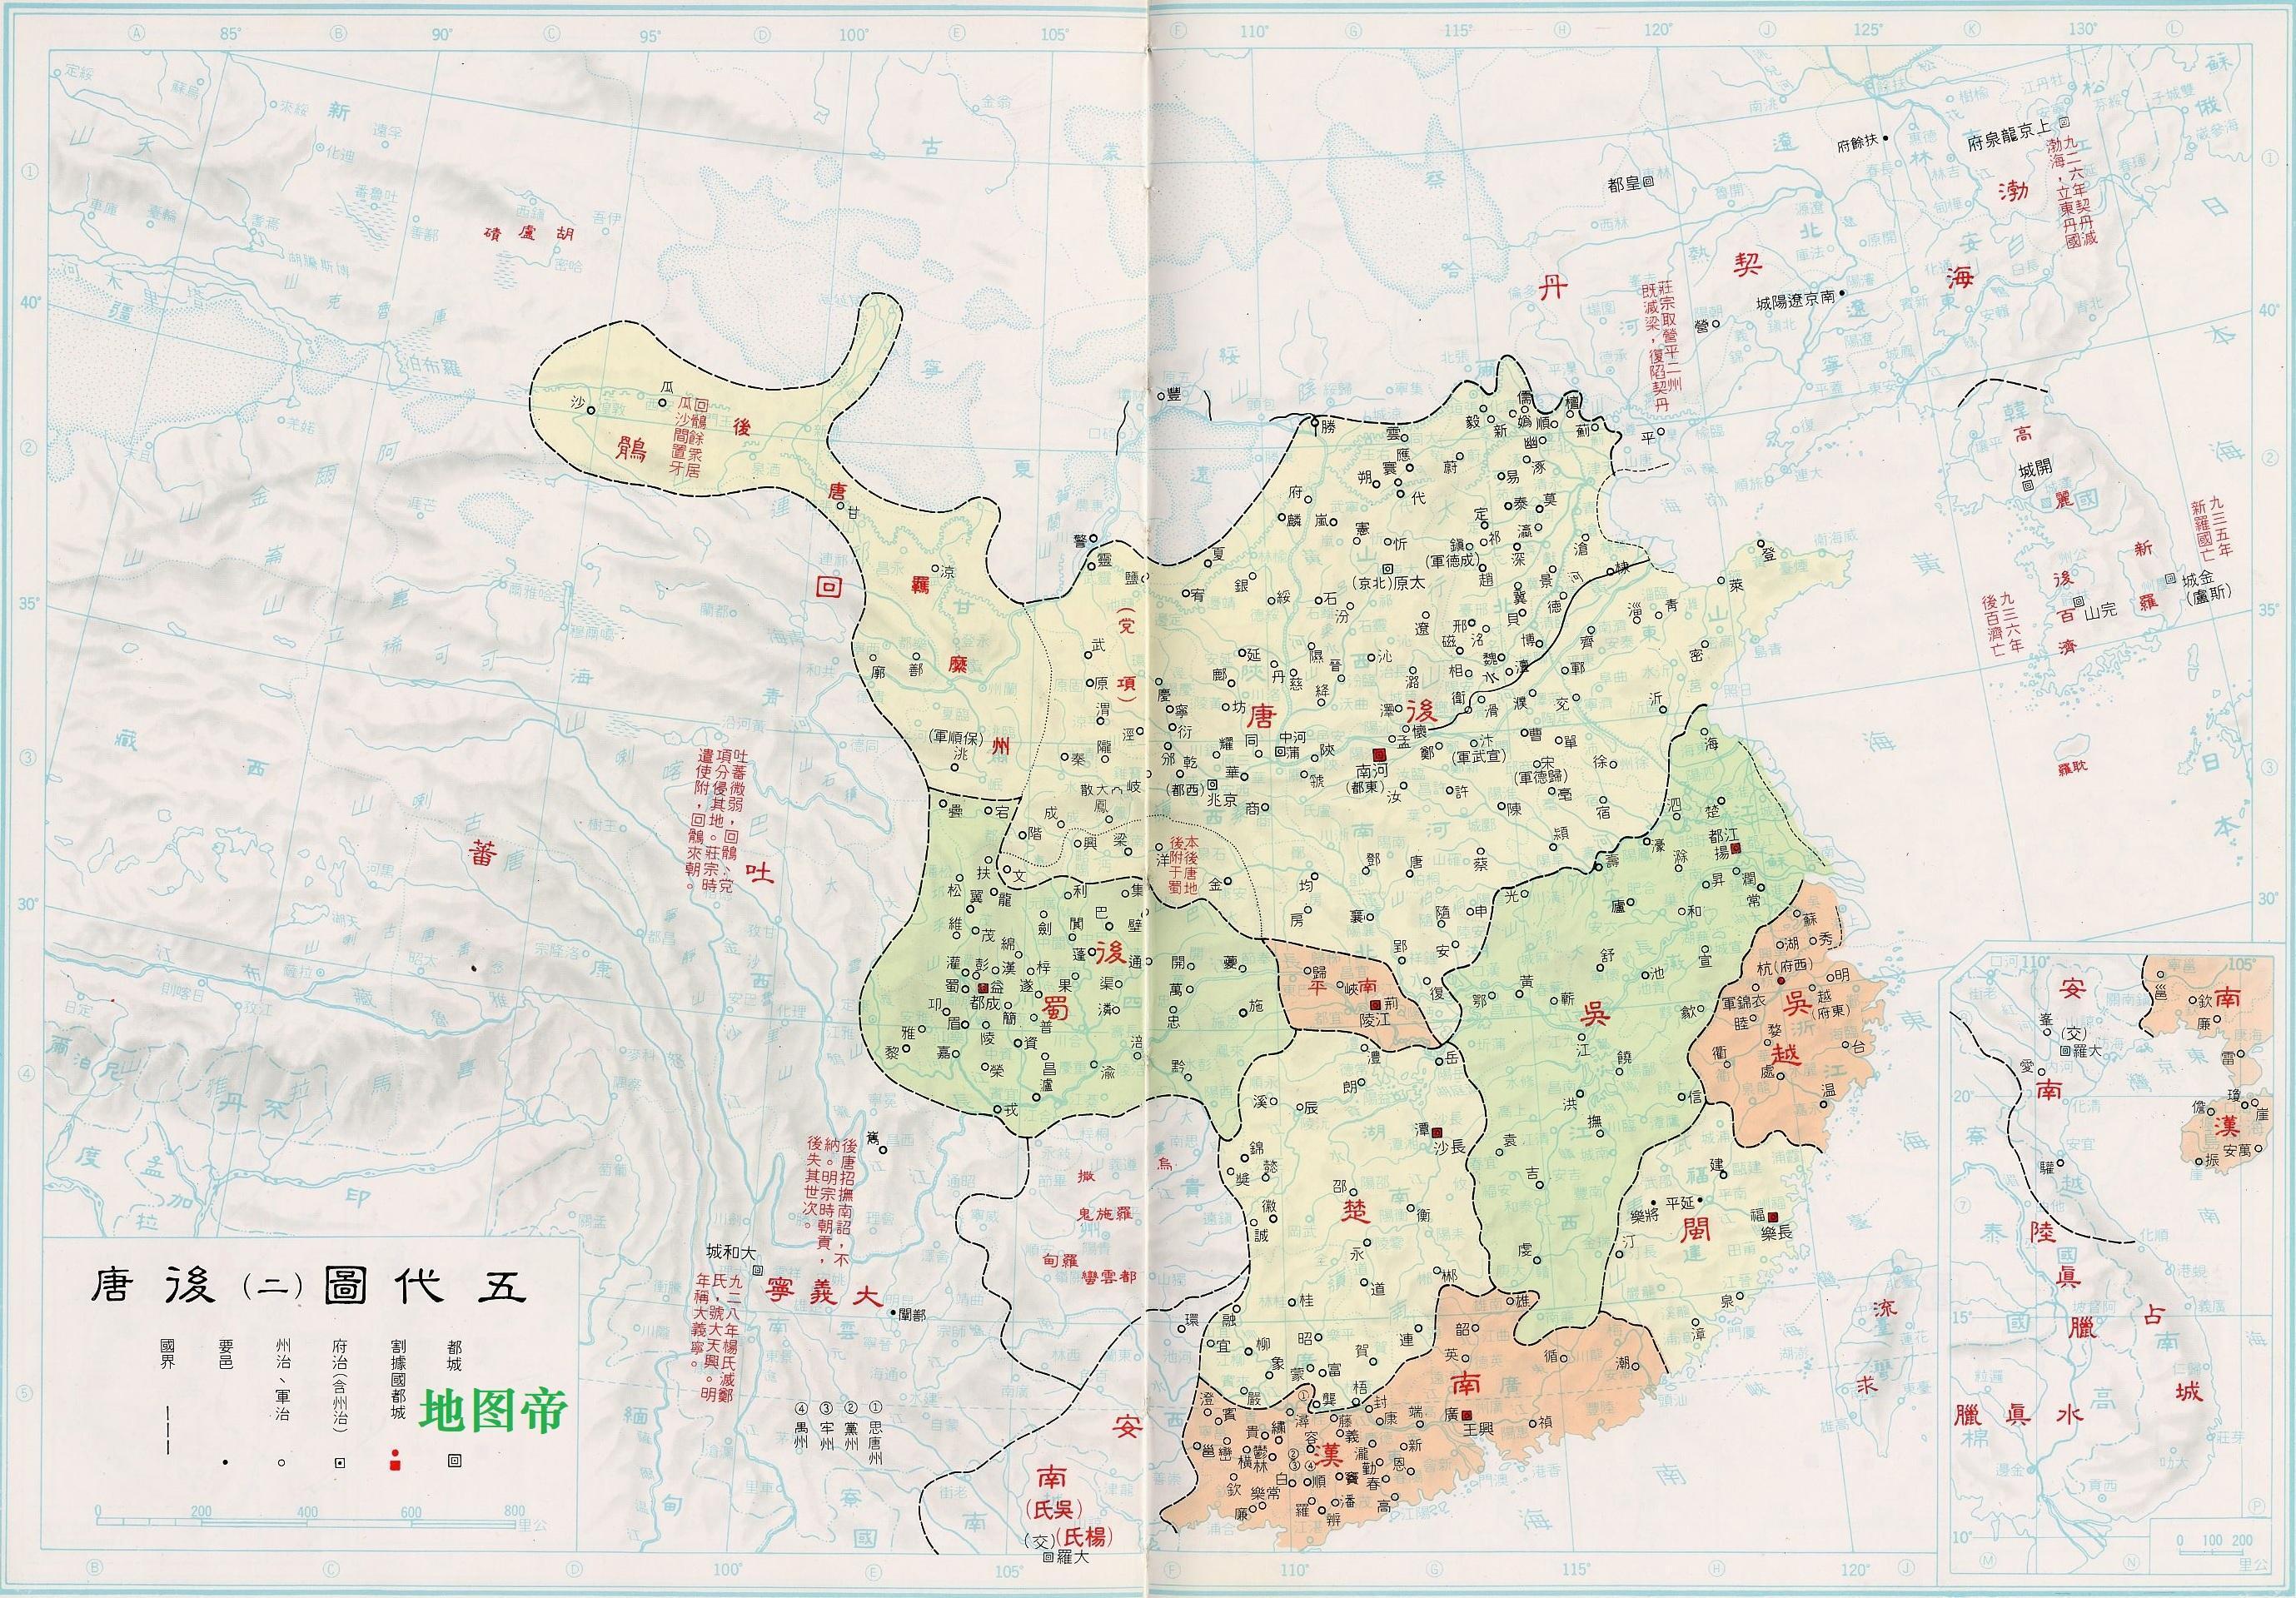 唐朝之后是五代十国诸侯混战时期,北方后唐宗室和李唐并无血缘关系